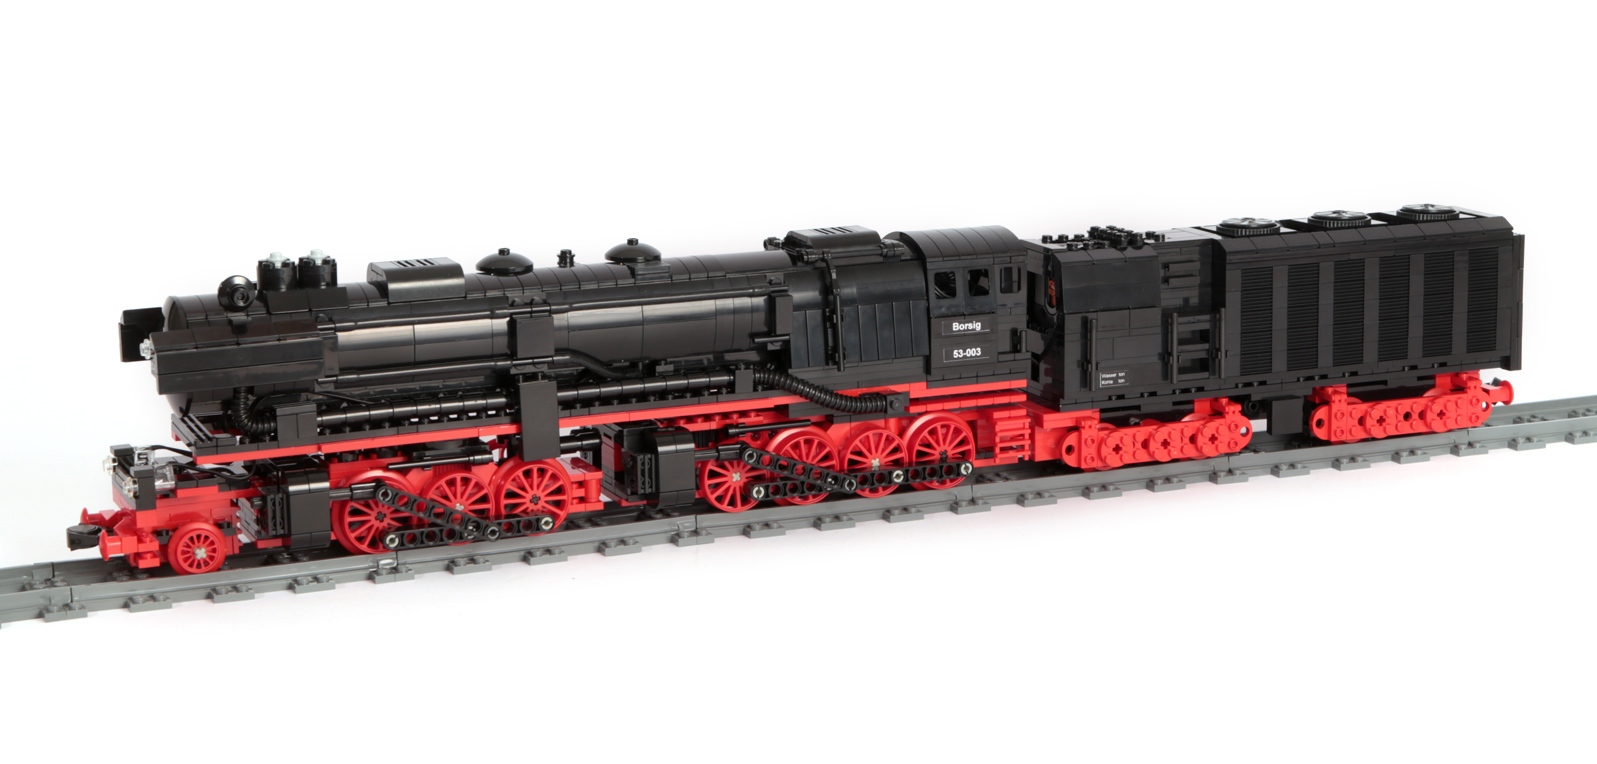 Baureihe BR 53-003 (Mallet) Borsig (eigene Modelle MOC) Radanordnung 1-C-D